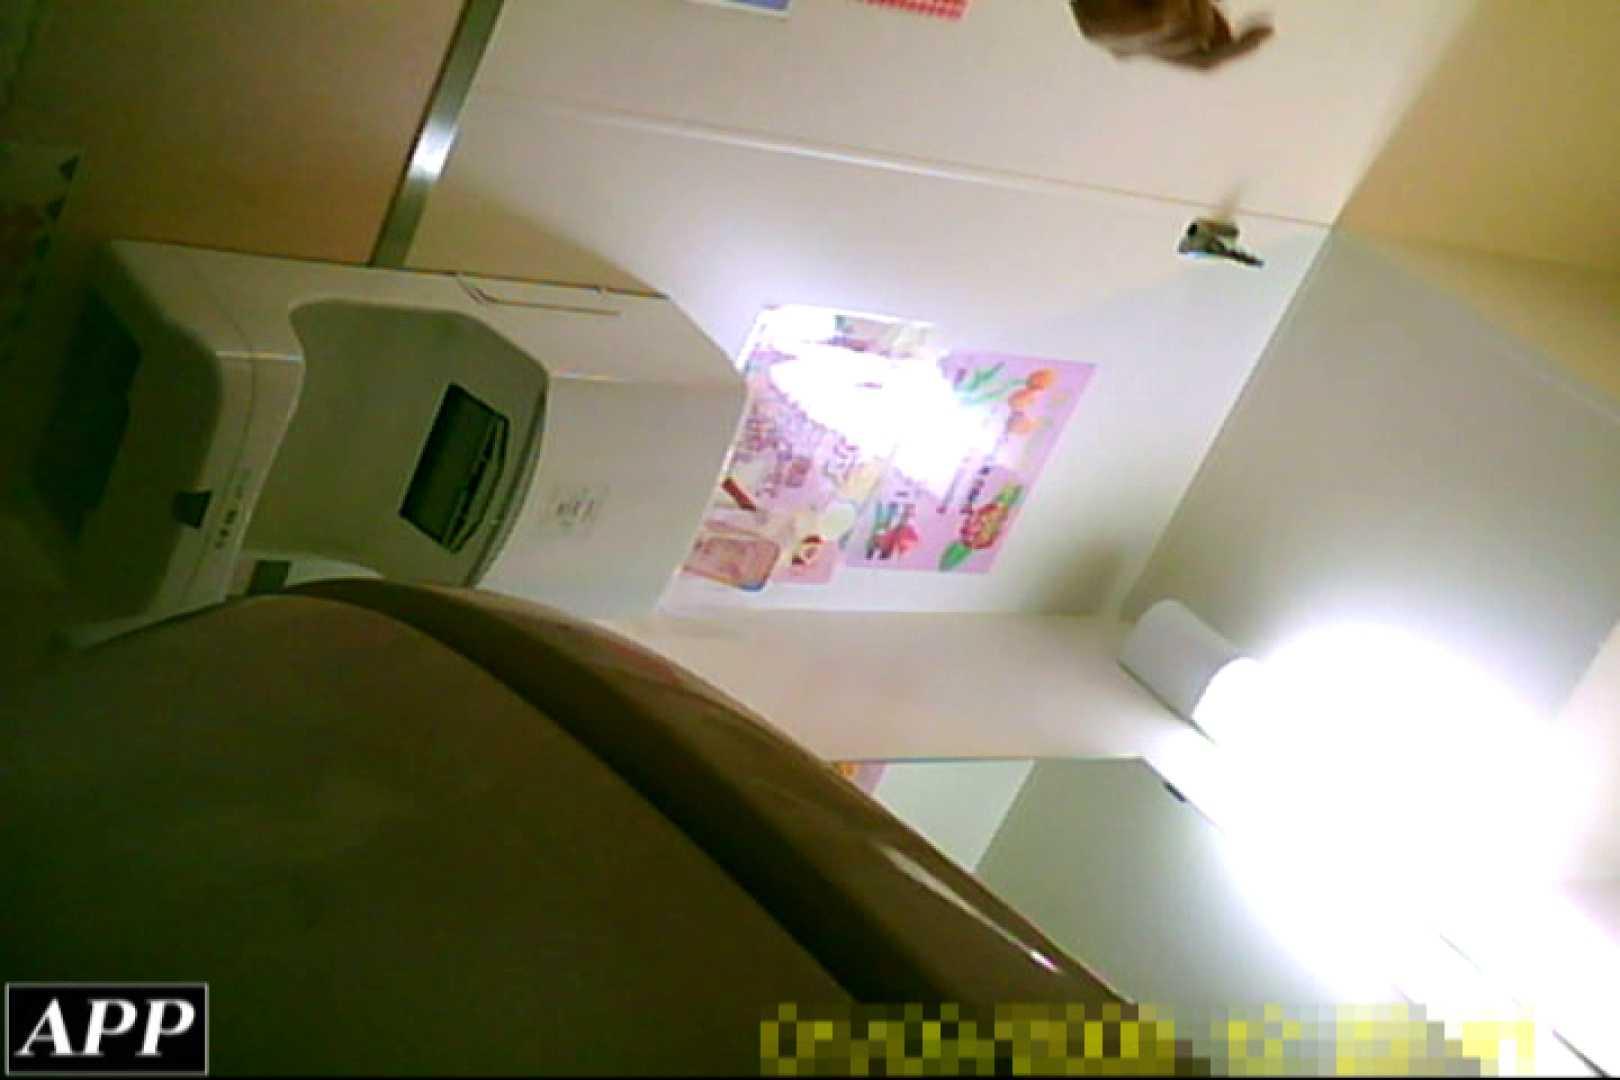 3視点洗面所 vol.125 肛門特集 オメコ無修正動画無料 96pic 55